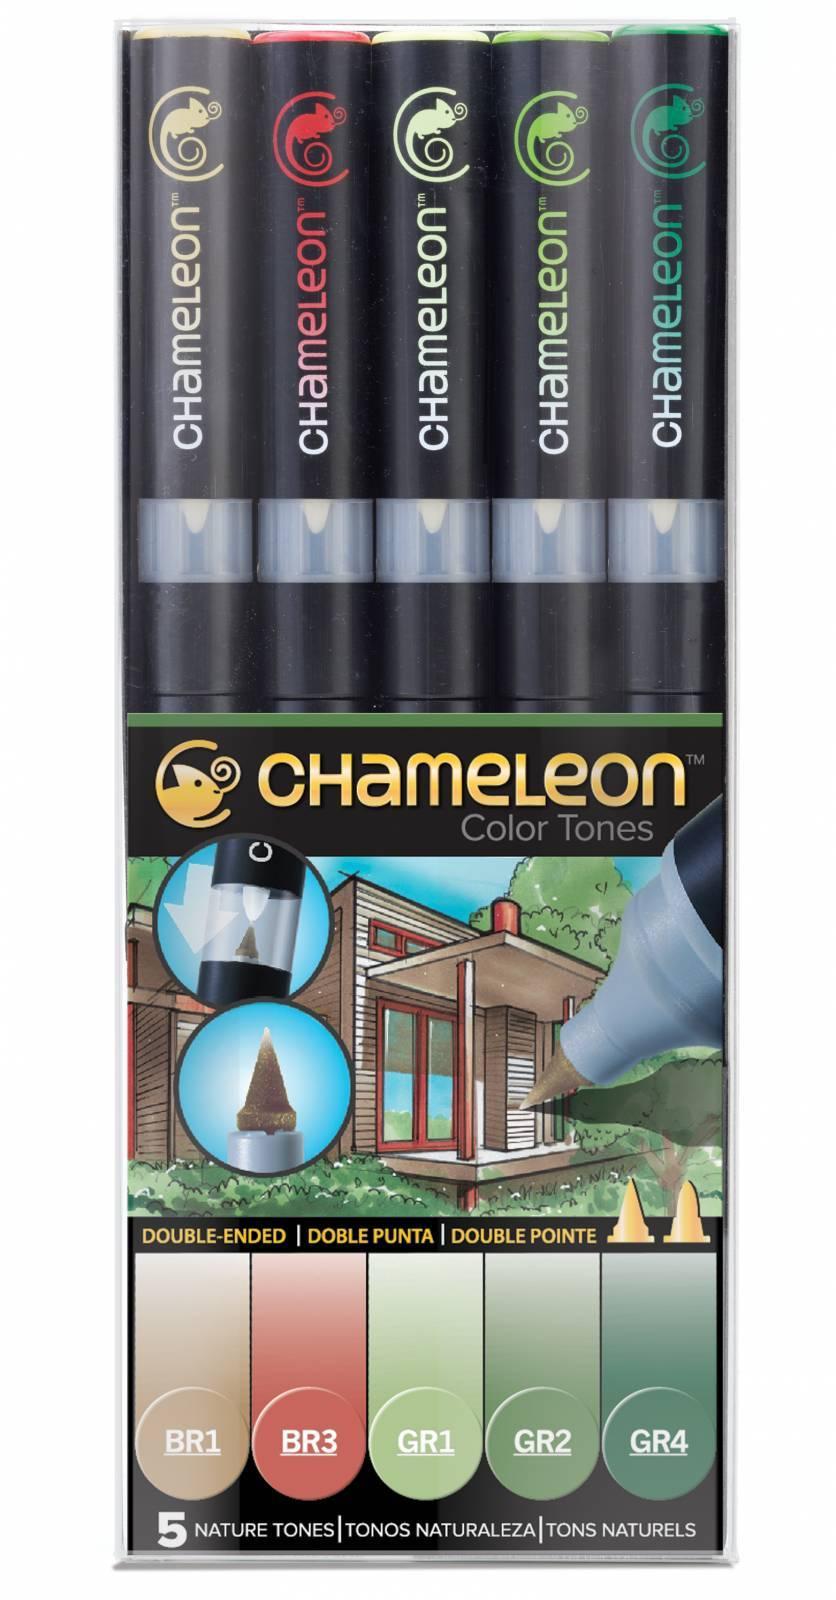 Kit Chameleon 5 canetas - Tons Natureza - Papelaria Botafogo